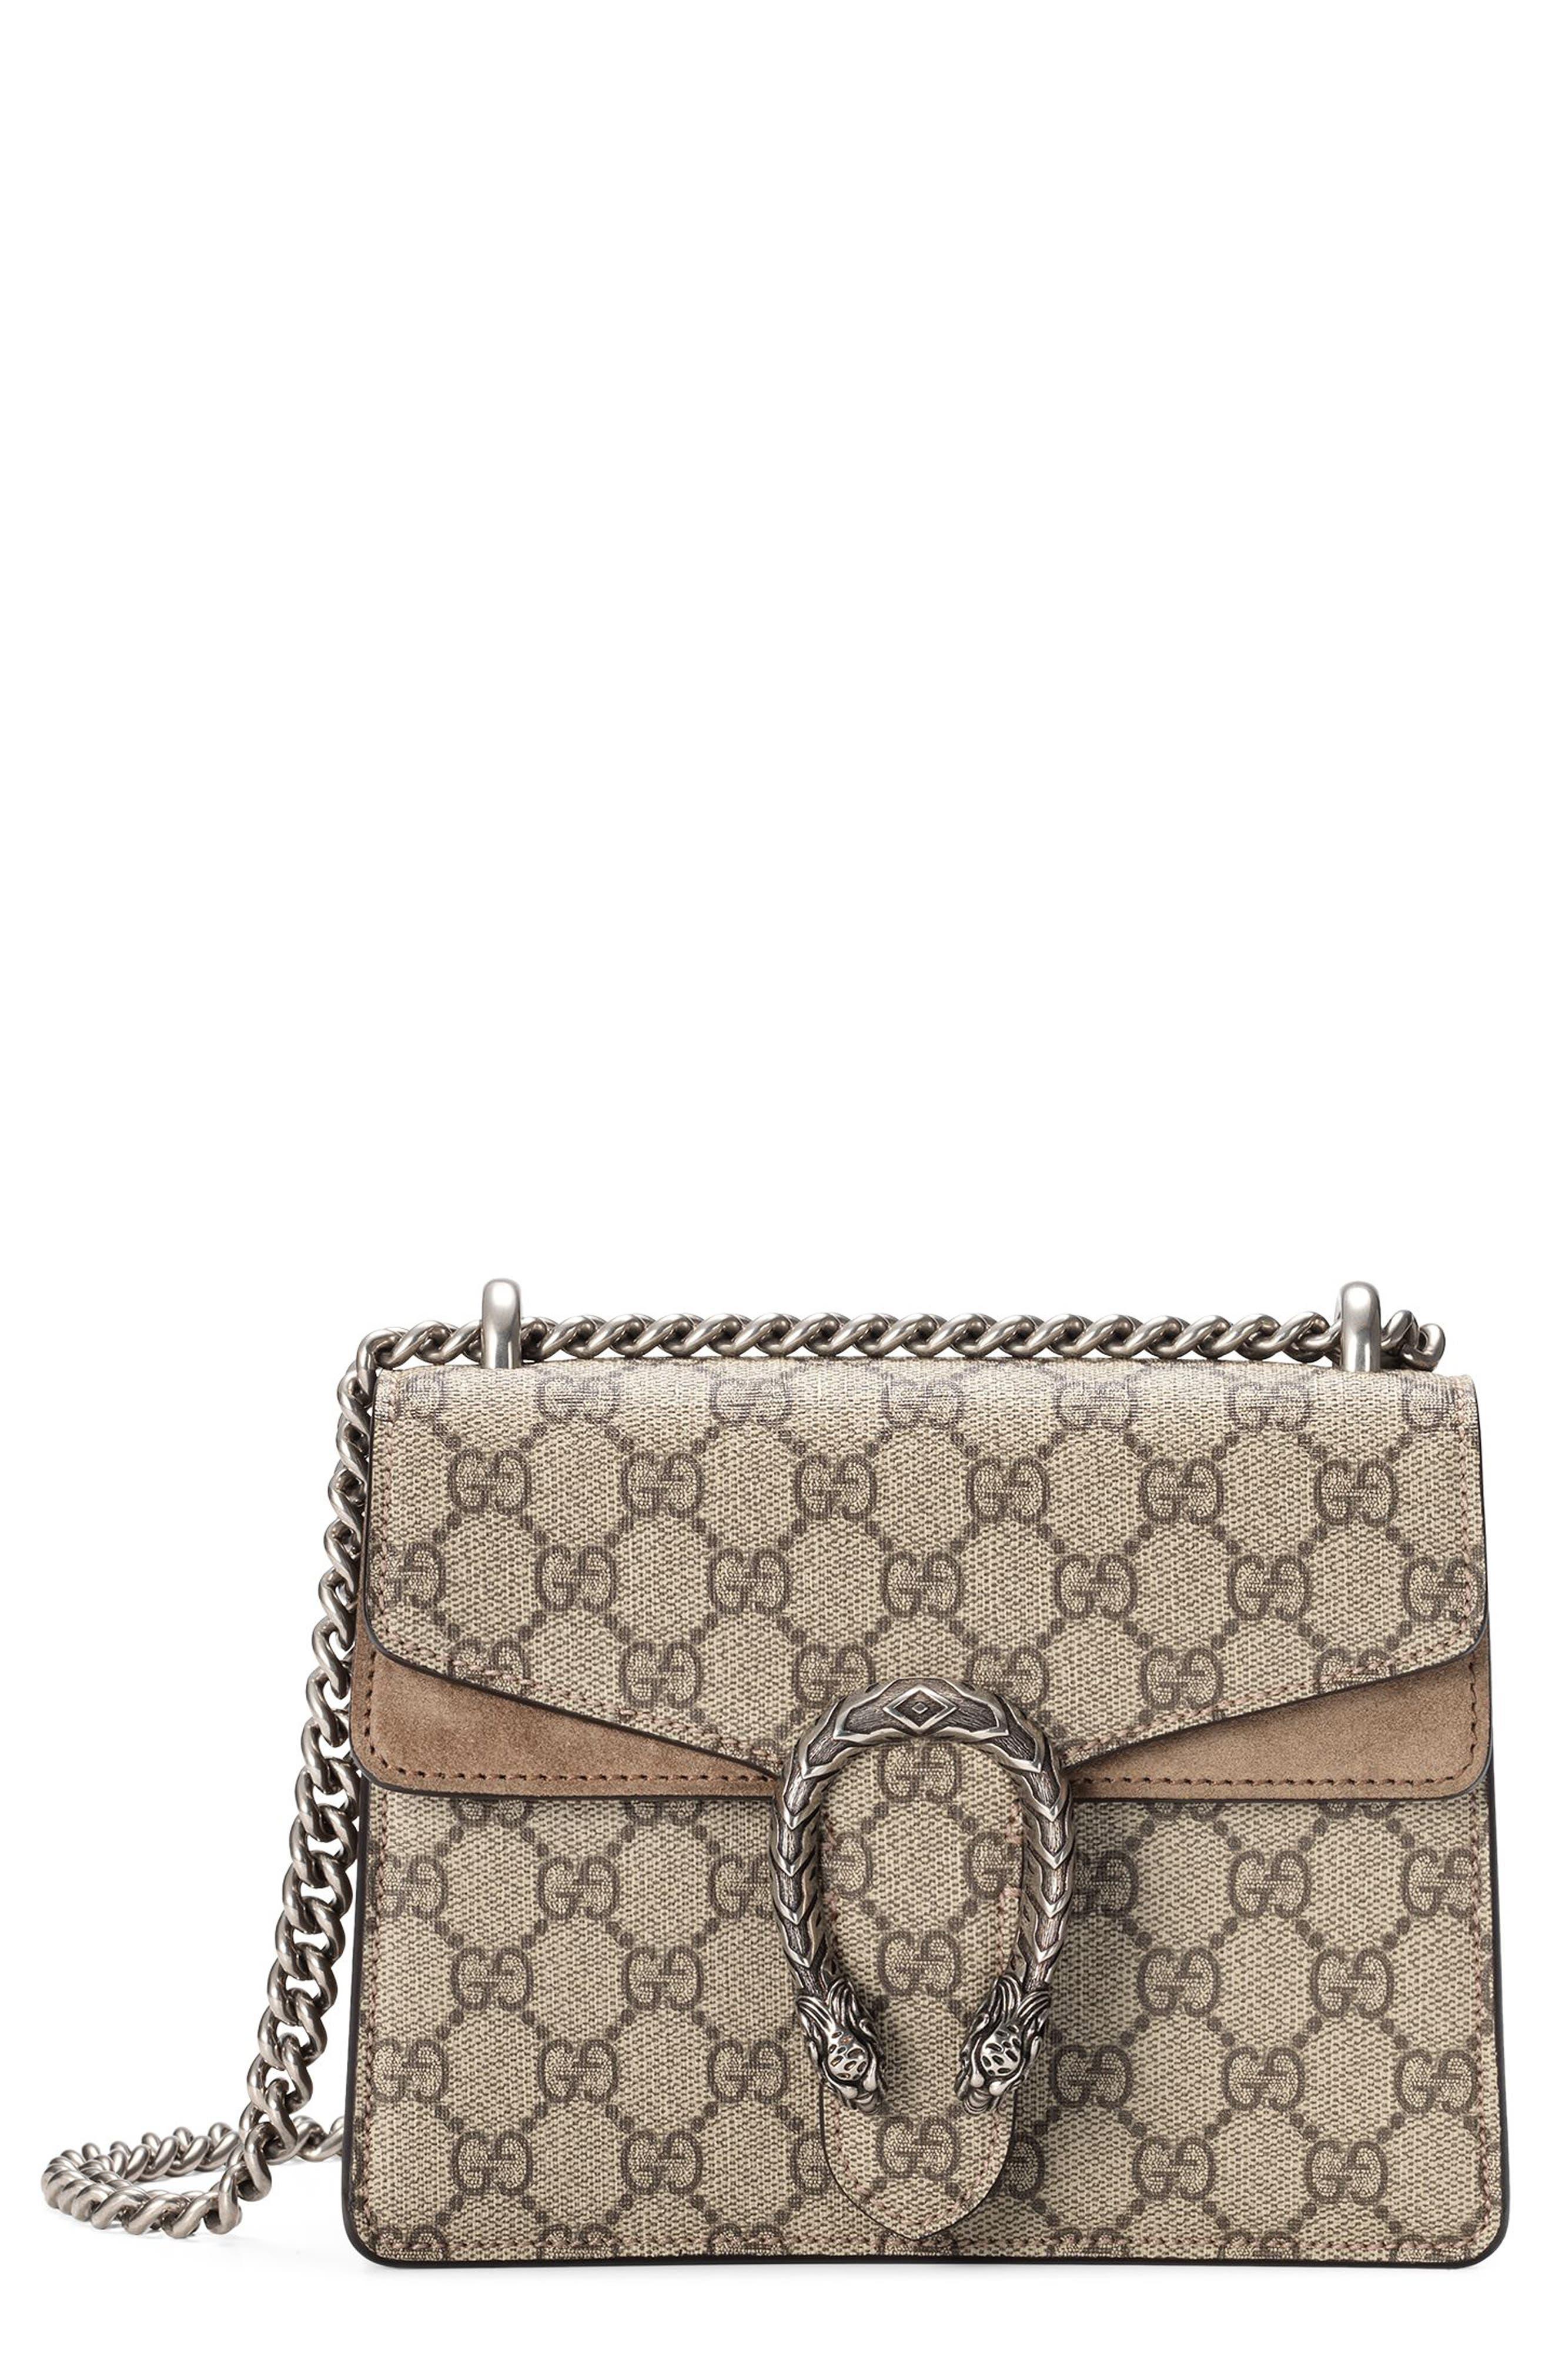 Main Image - Gucci Mini Dionysus GG Supreme Shoulder Bag